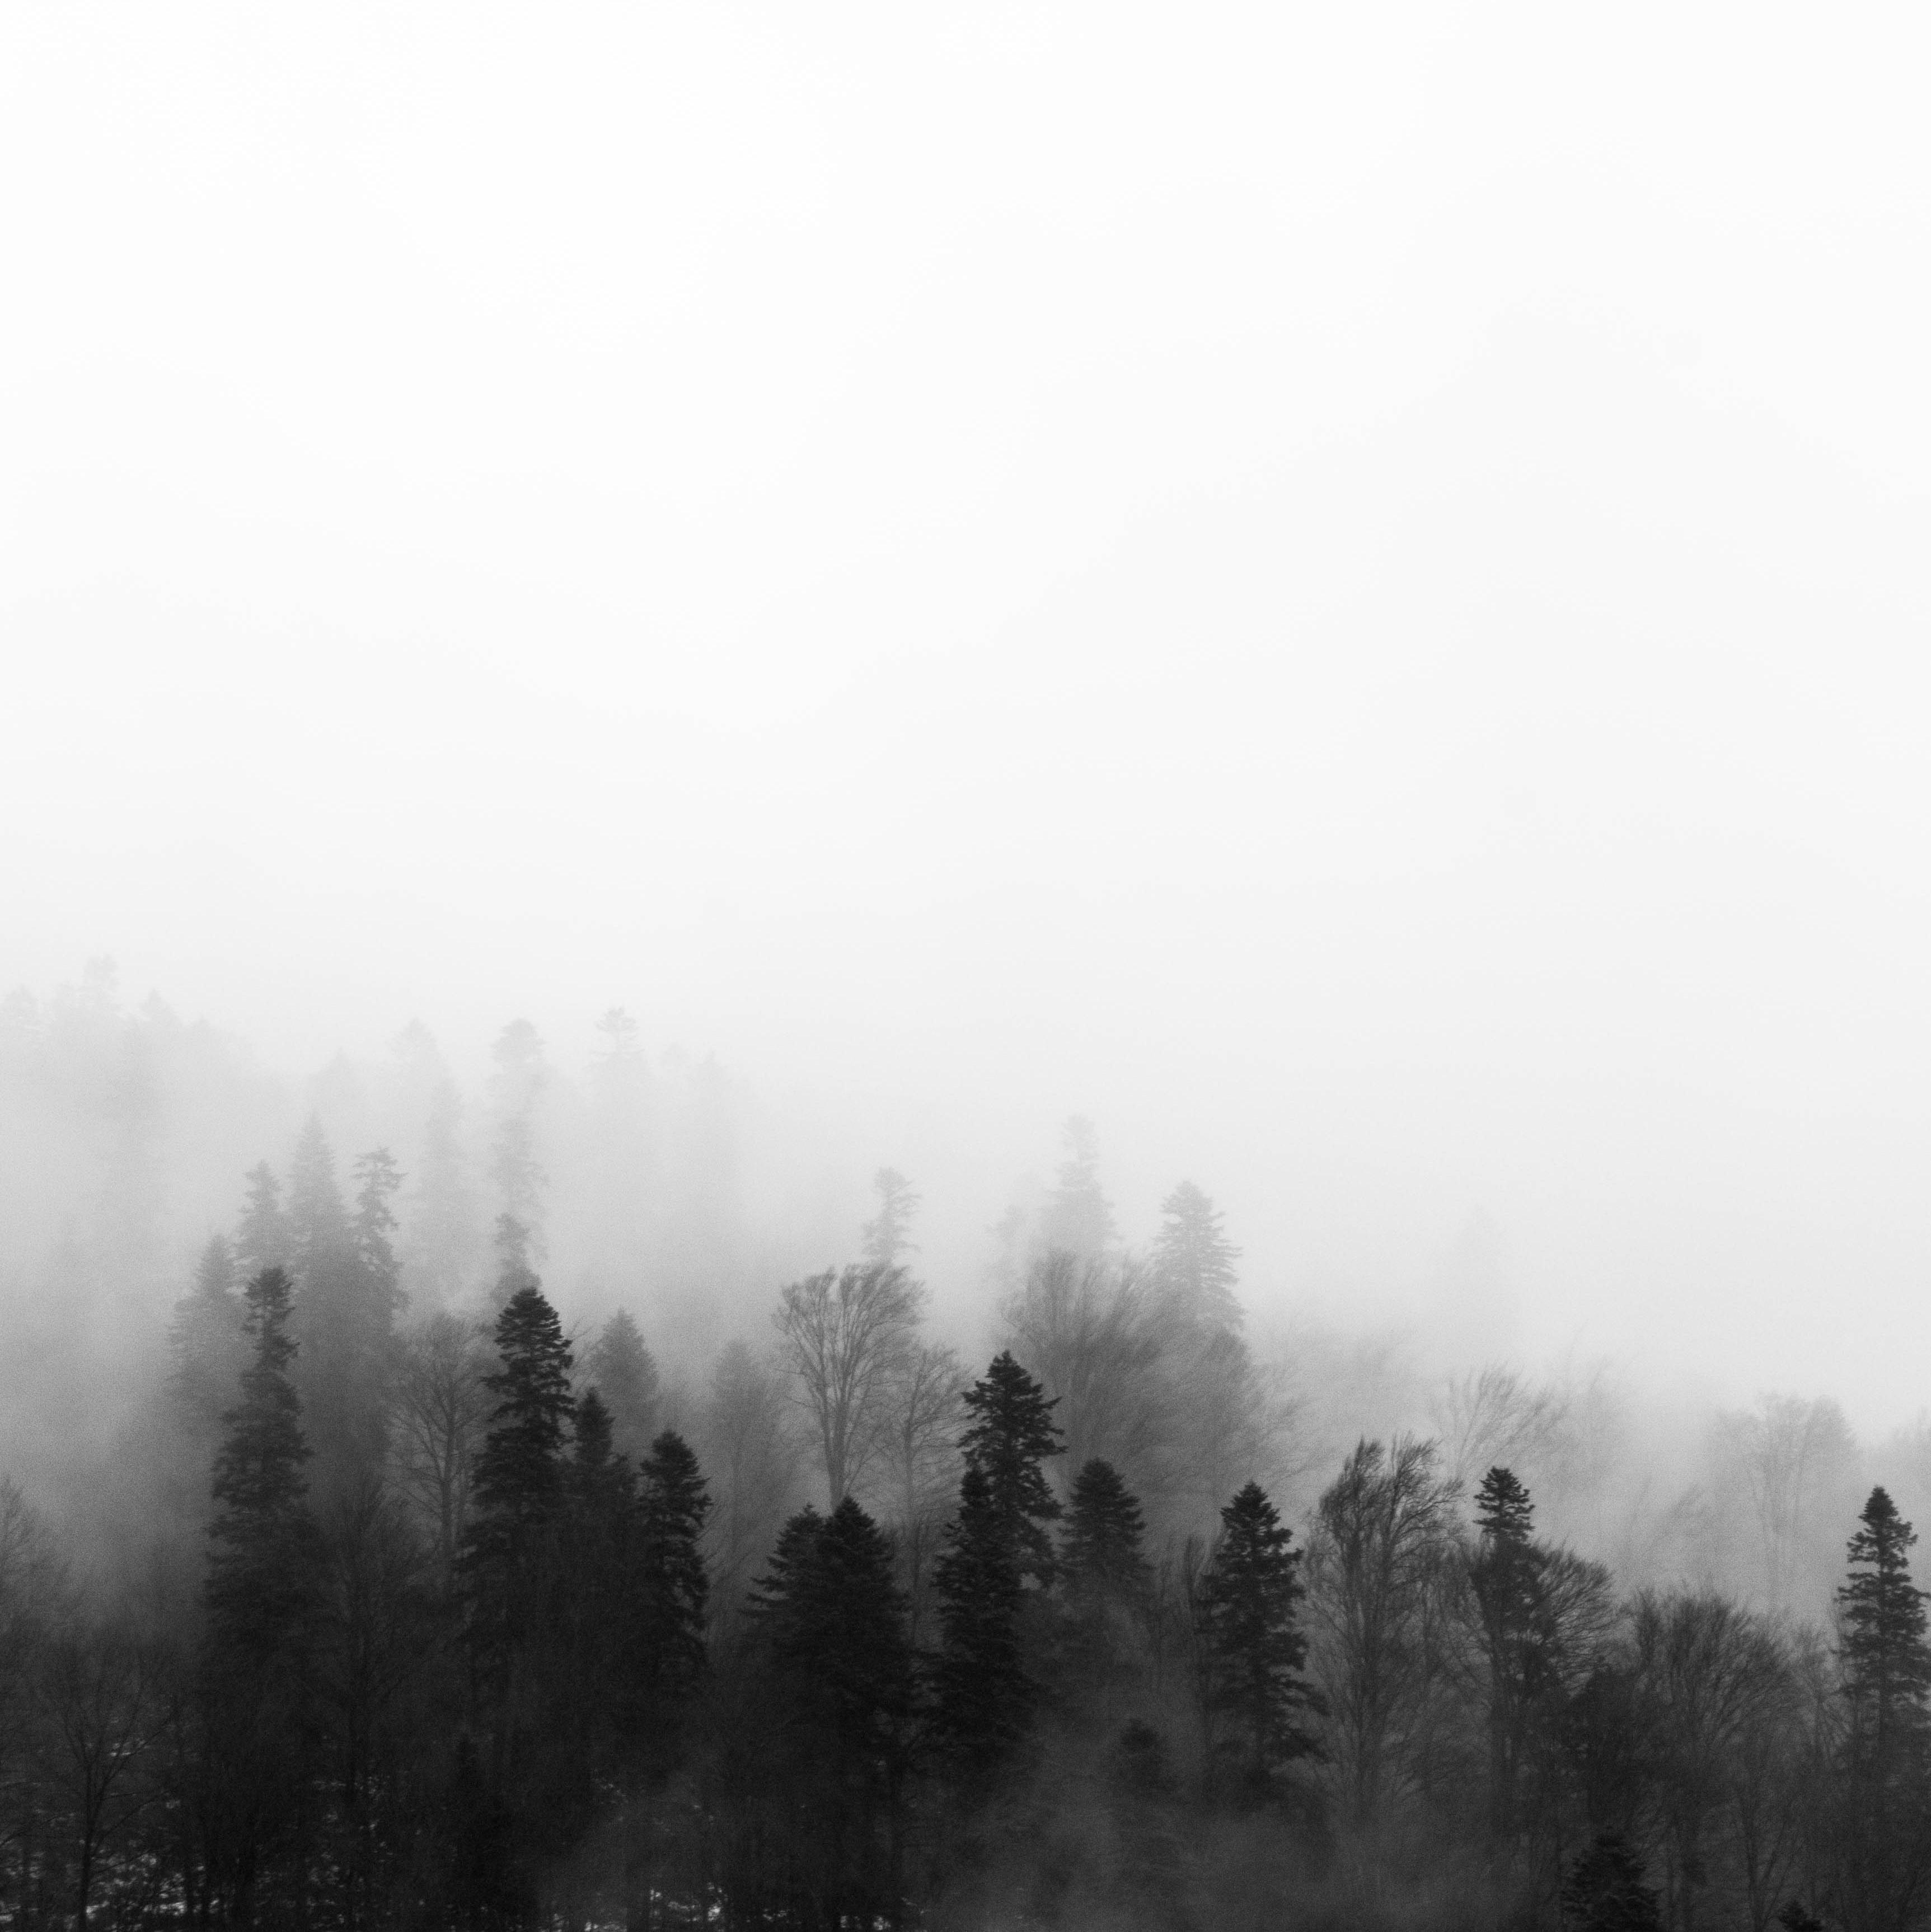 trees-1061623